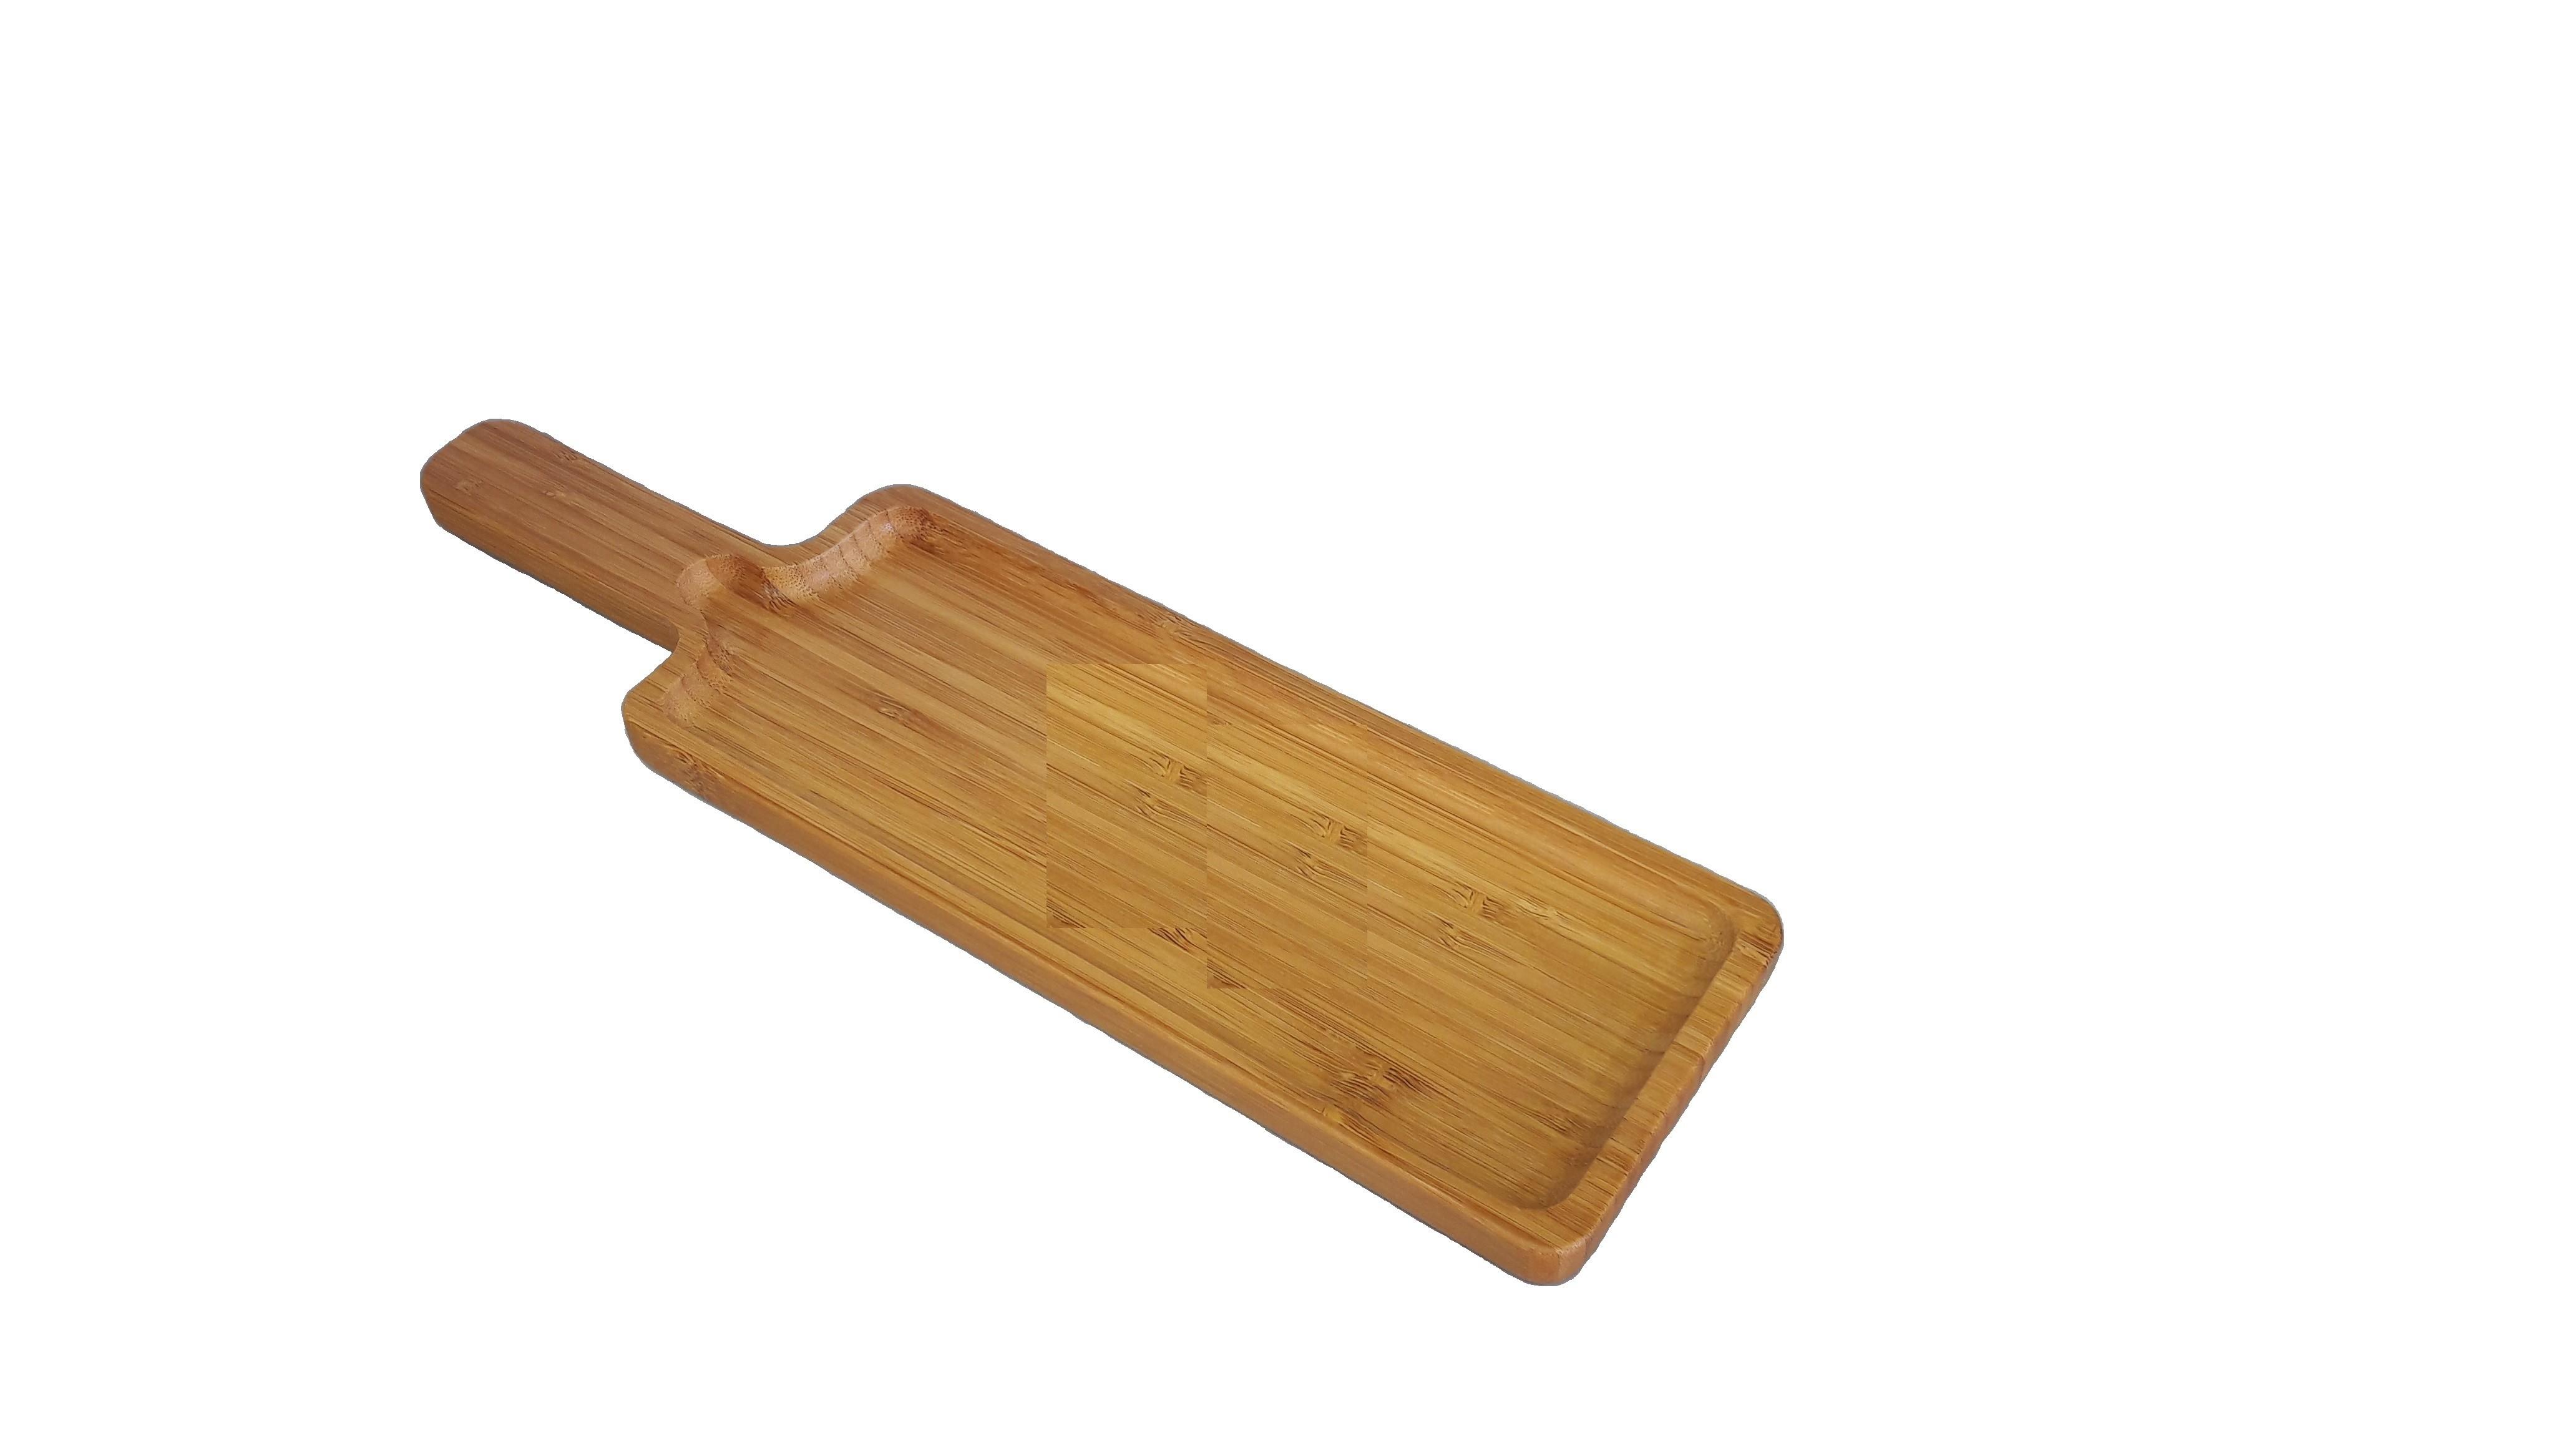 Πλατό Σερβιρίσματος Bamboo 35cm home   ειδη σερβιρισματος   πιατέλες